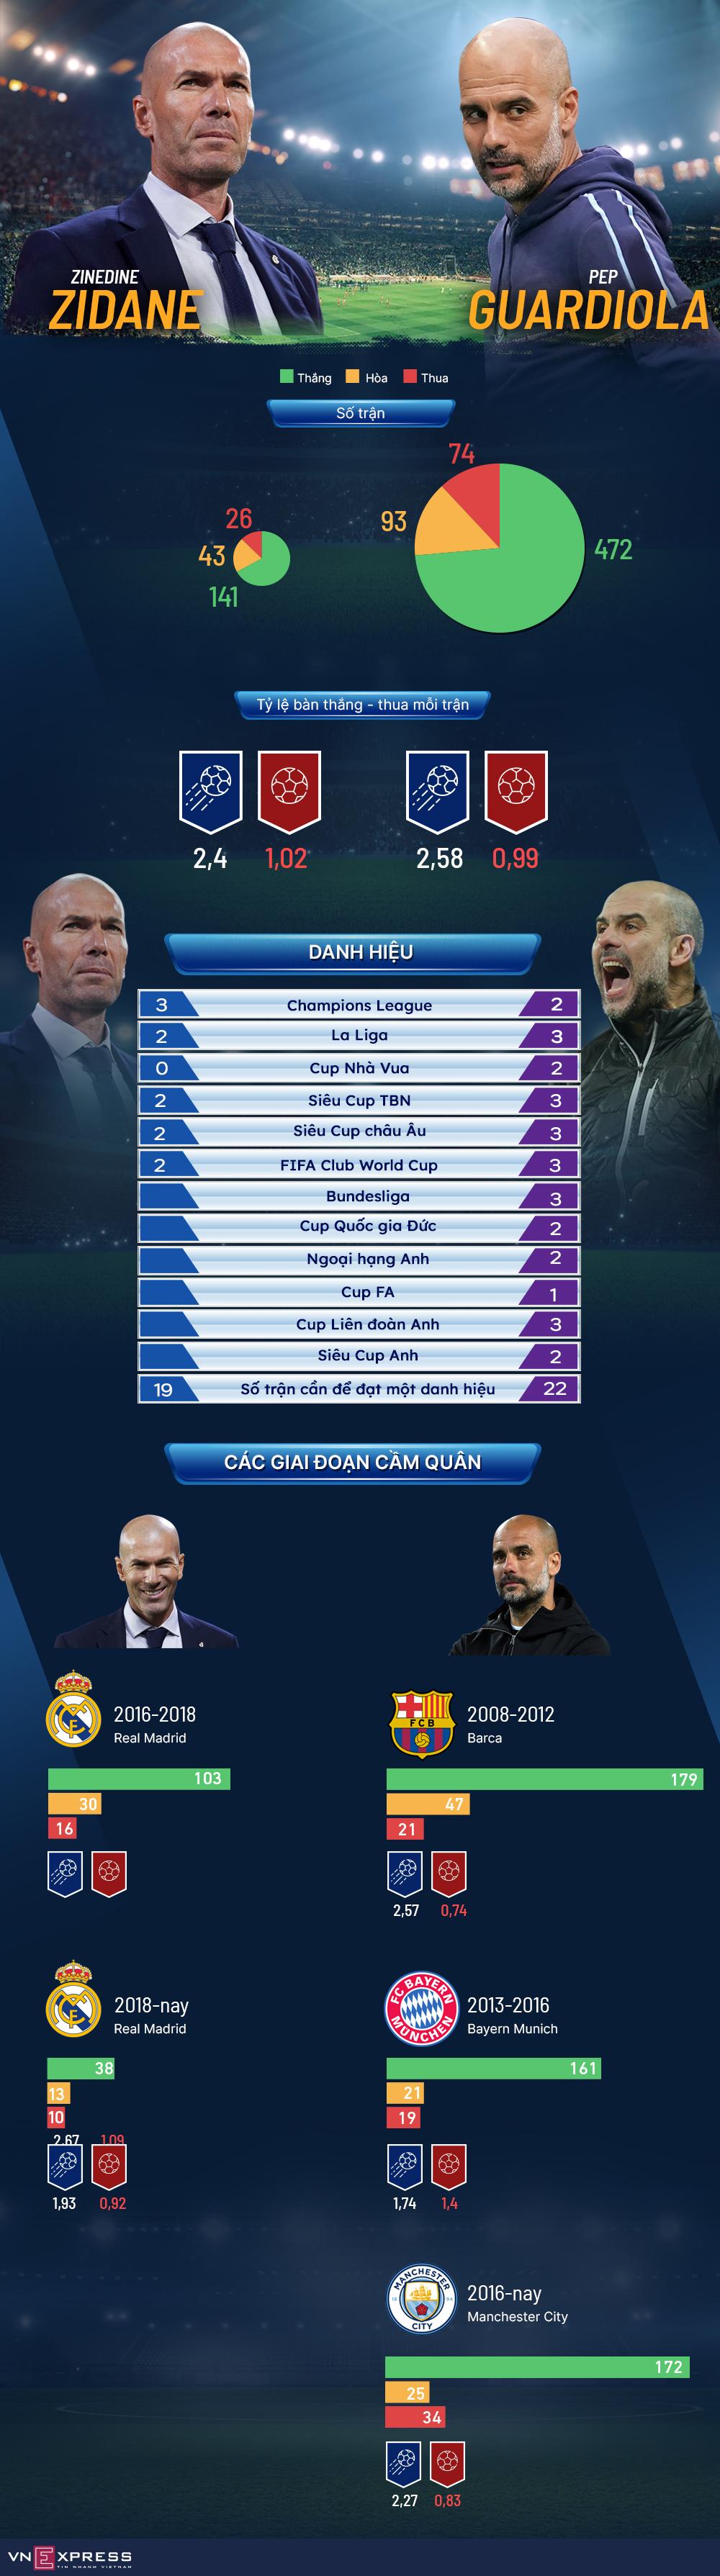 Tương quan giữa Guardiola và Zidane